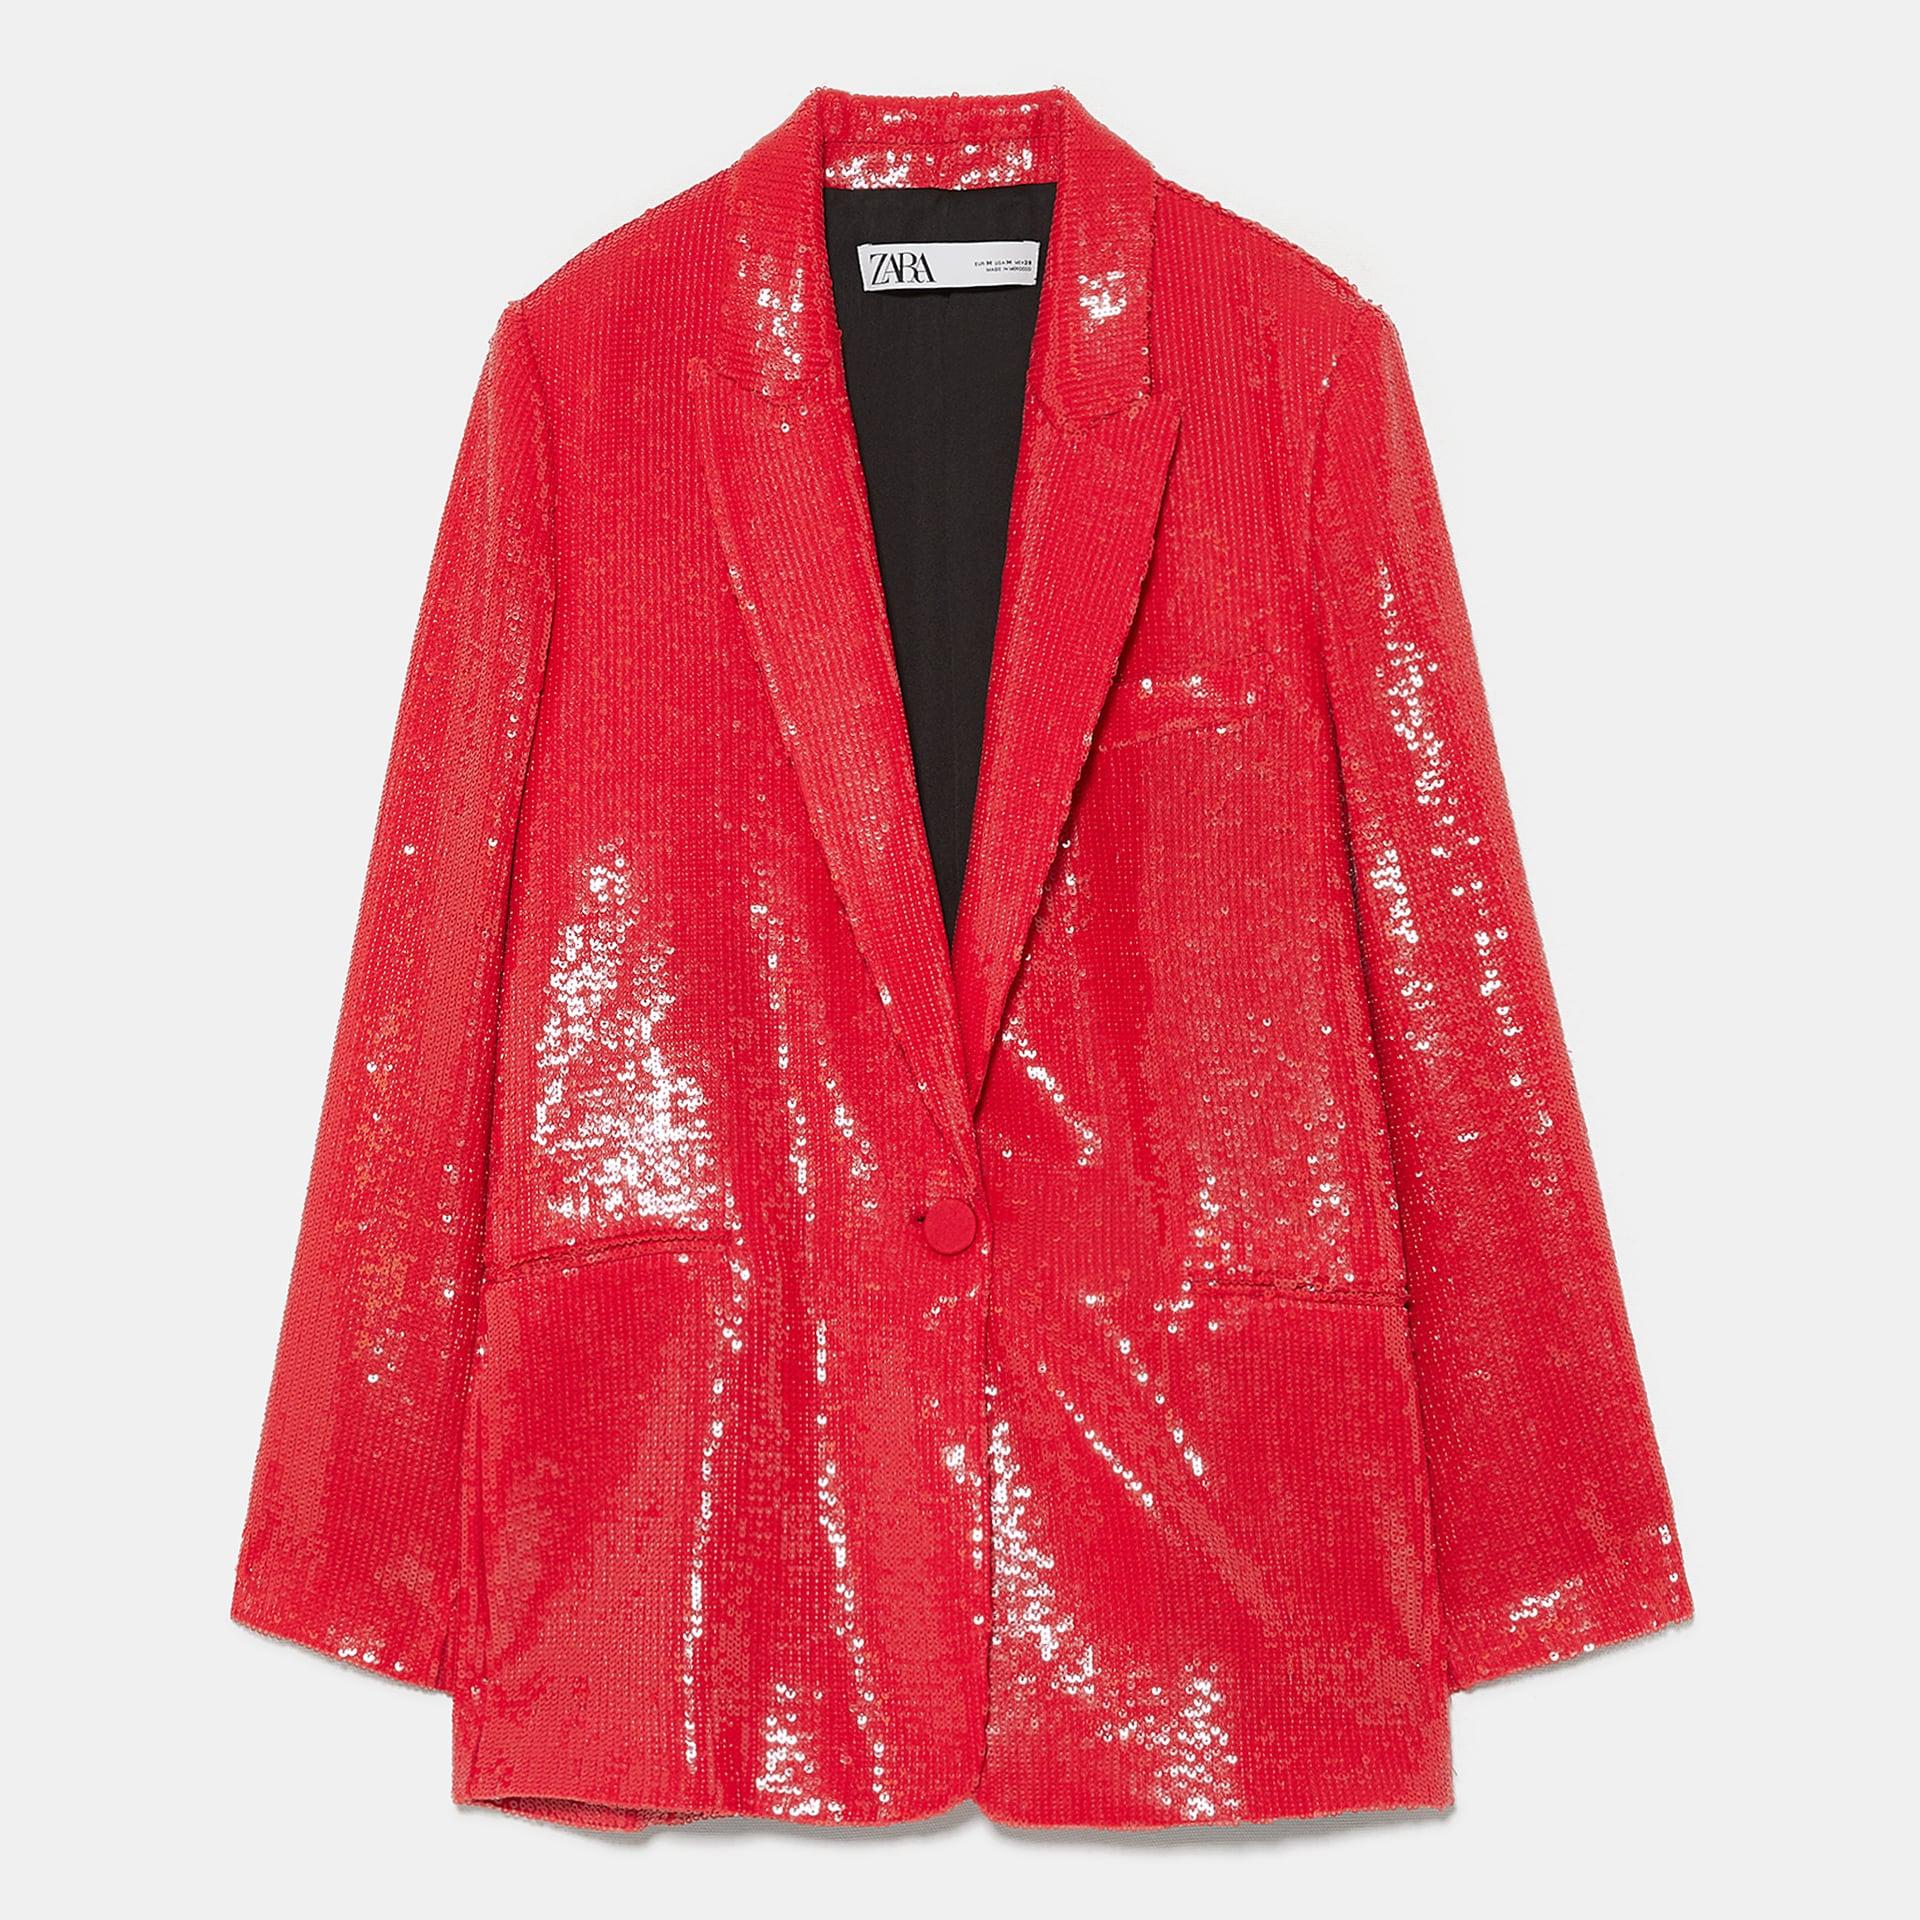 Zara red sequin blazer